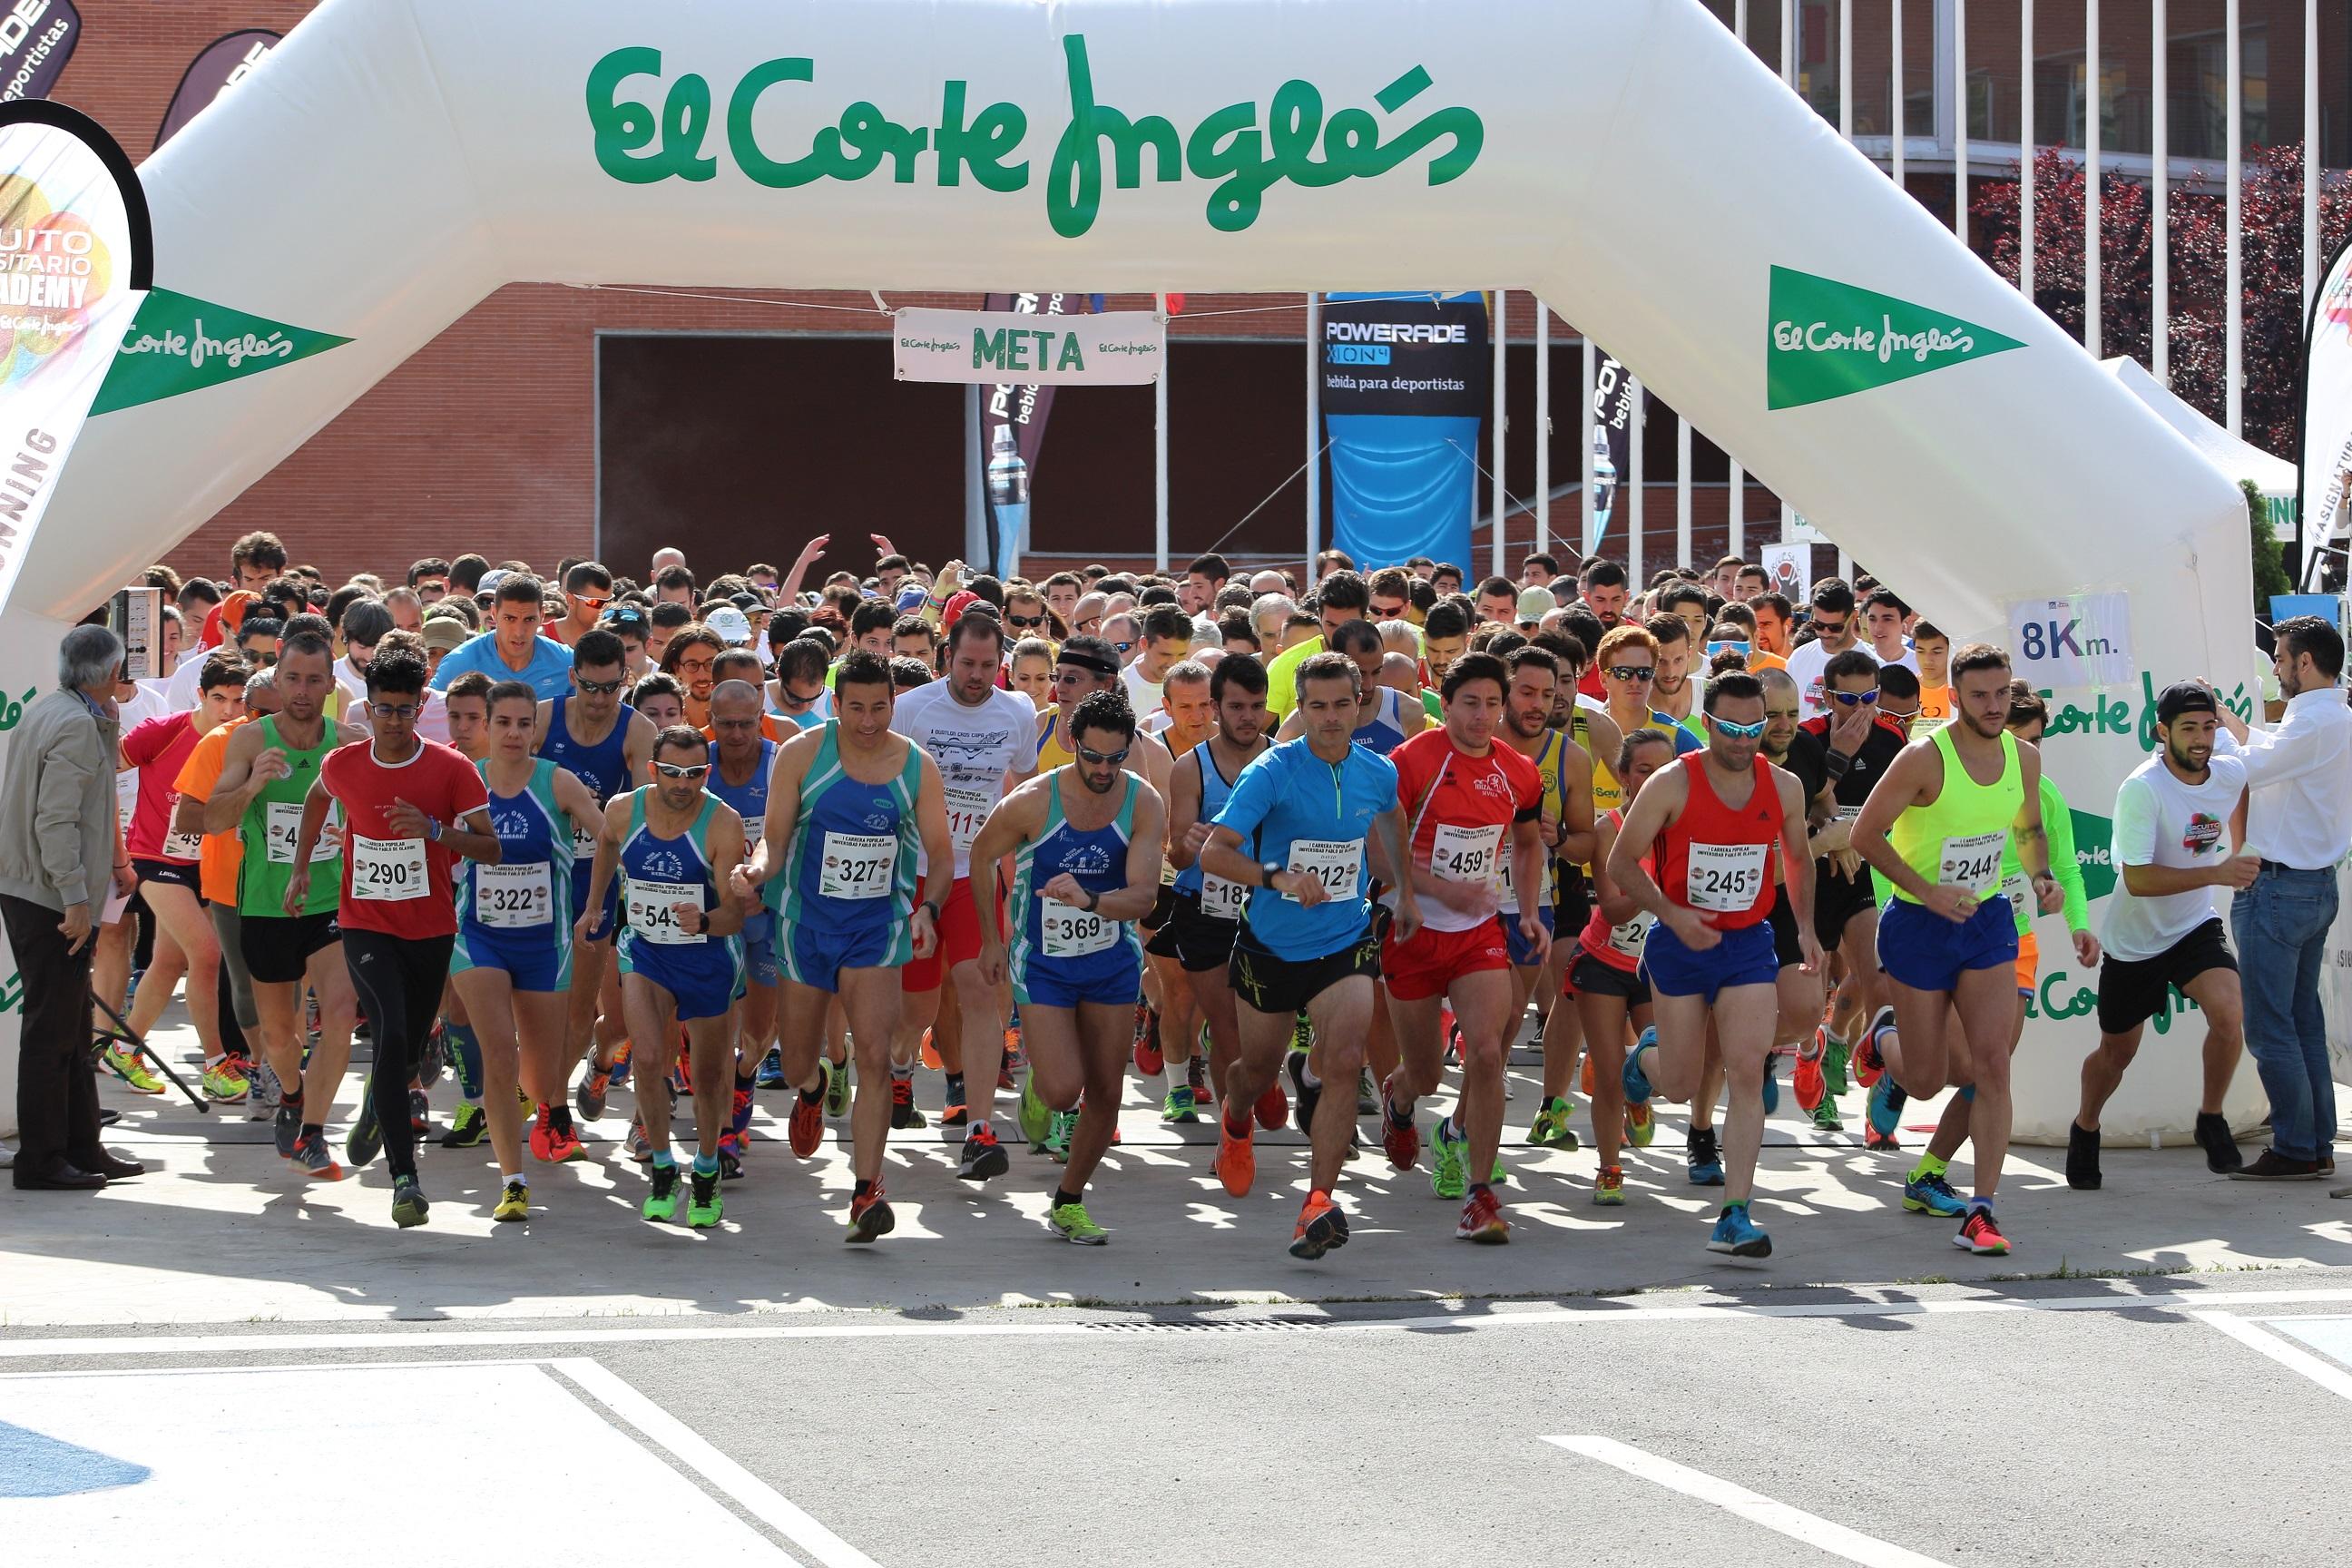 10 carreras componen el circuito universitario de running